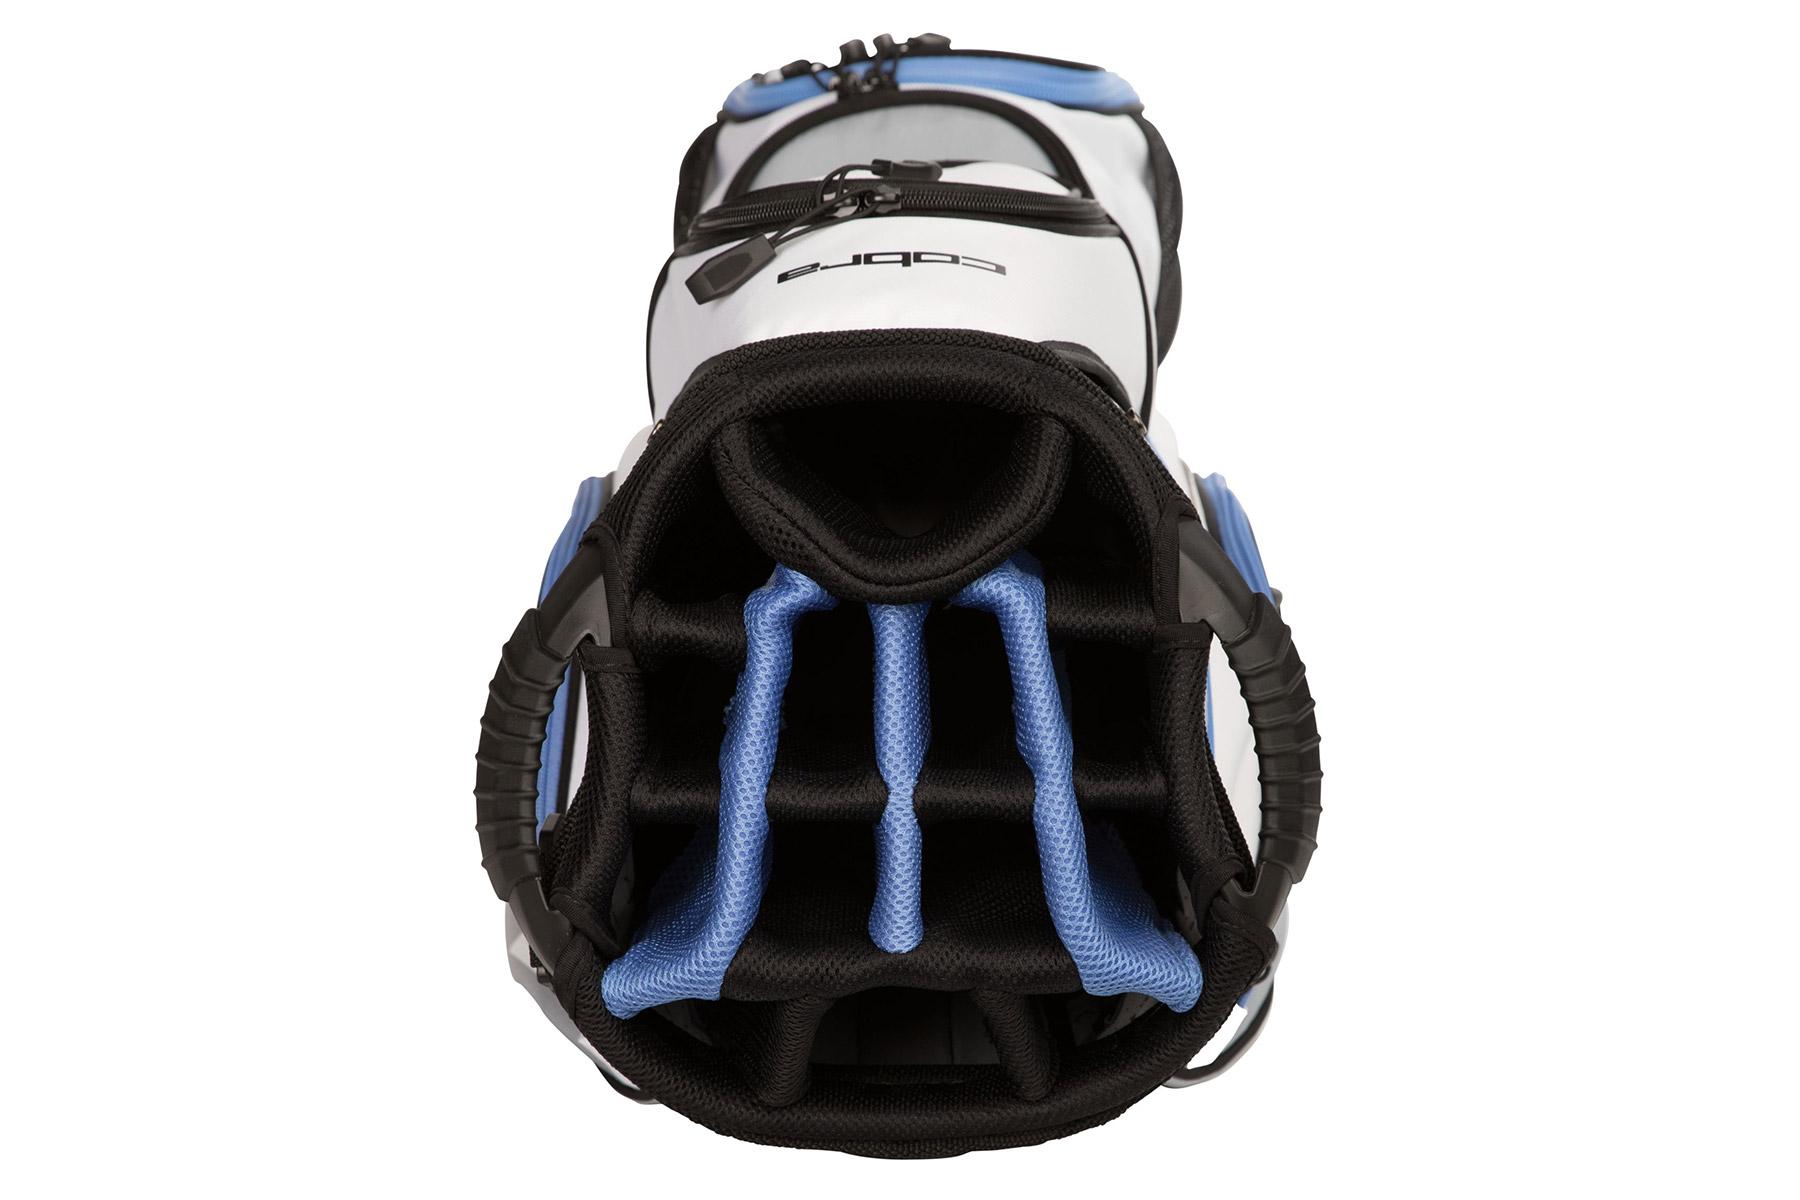 sac chariot cobra golf ultralight pour femmes online golf. Black Bedroom Furniture Sets. Home Design Ideas